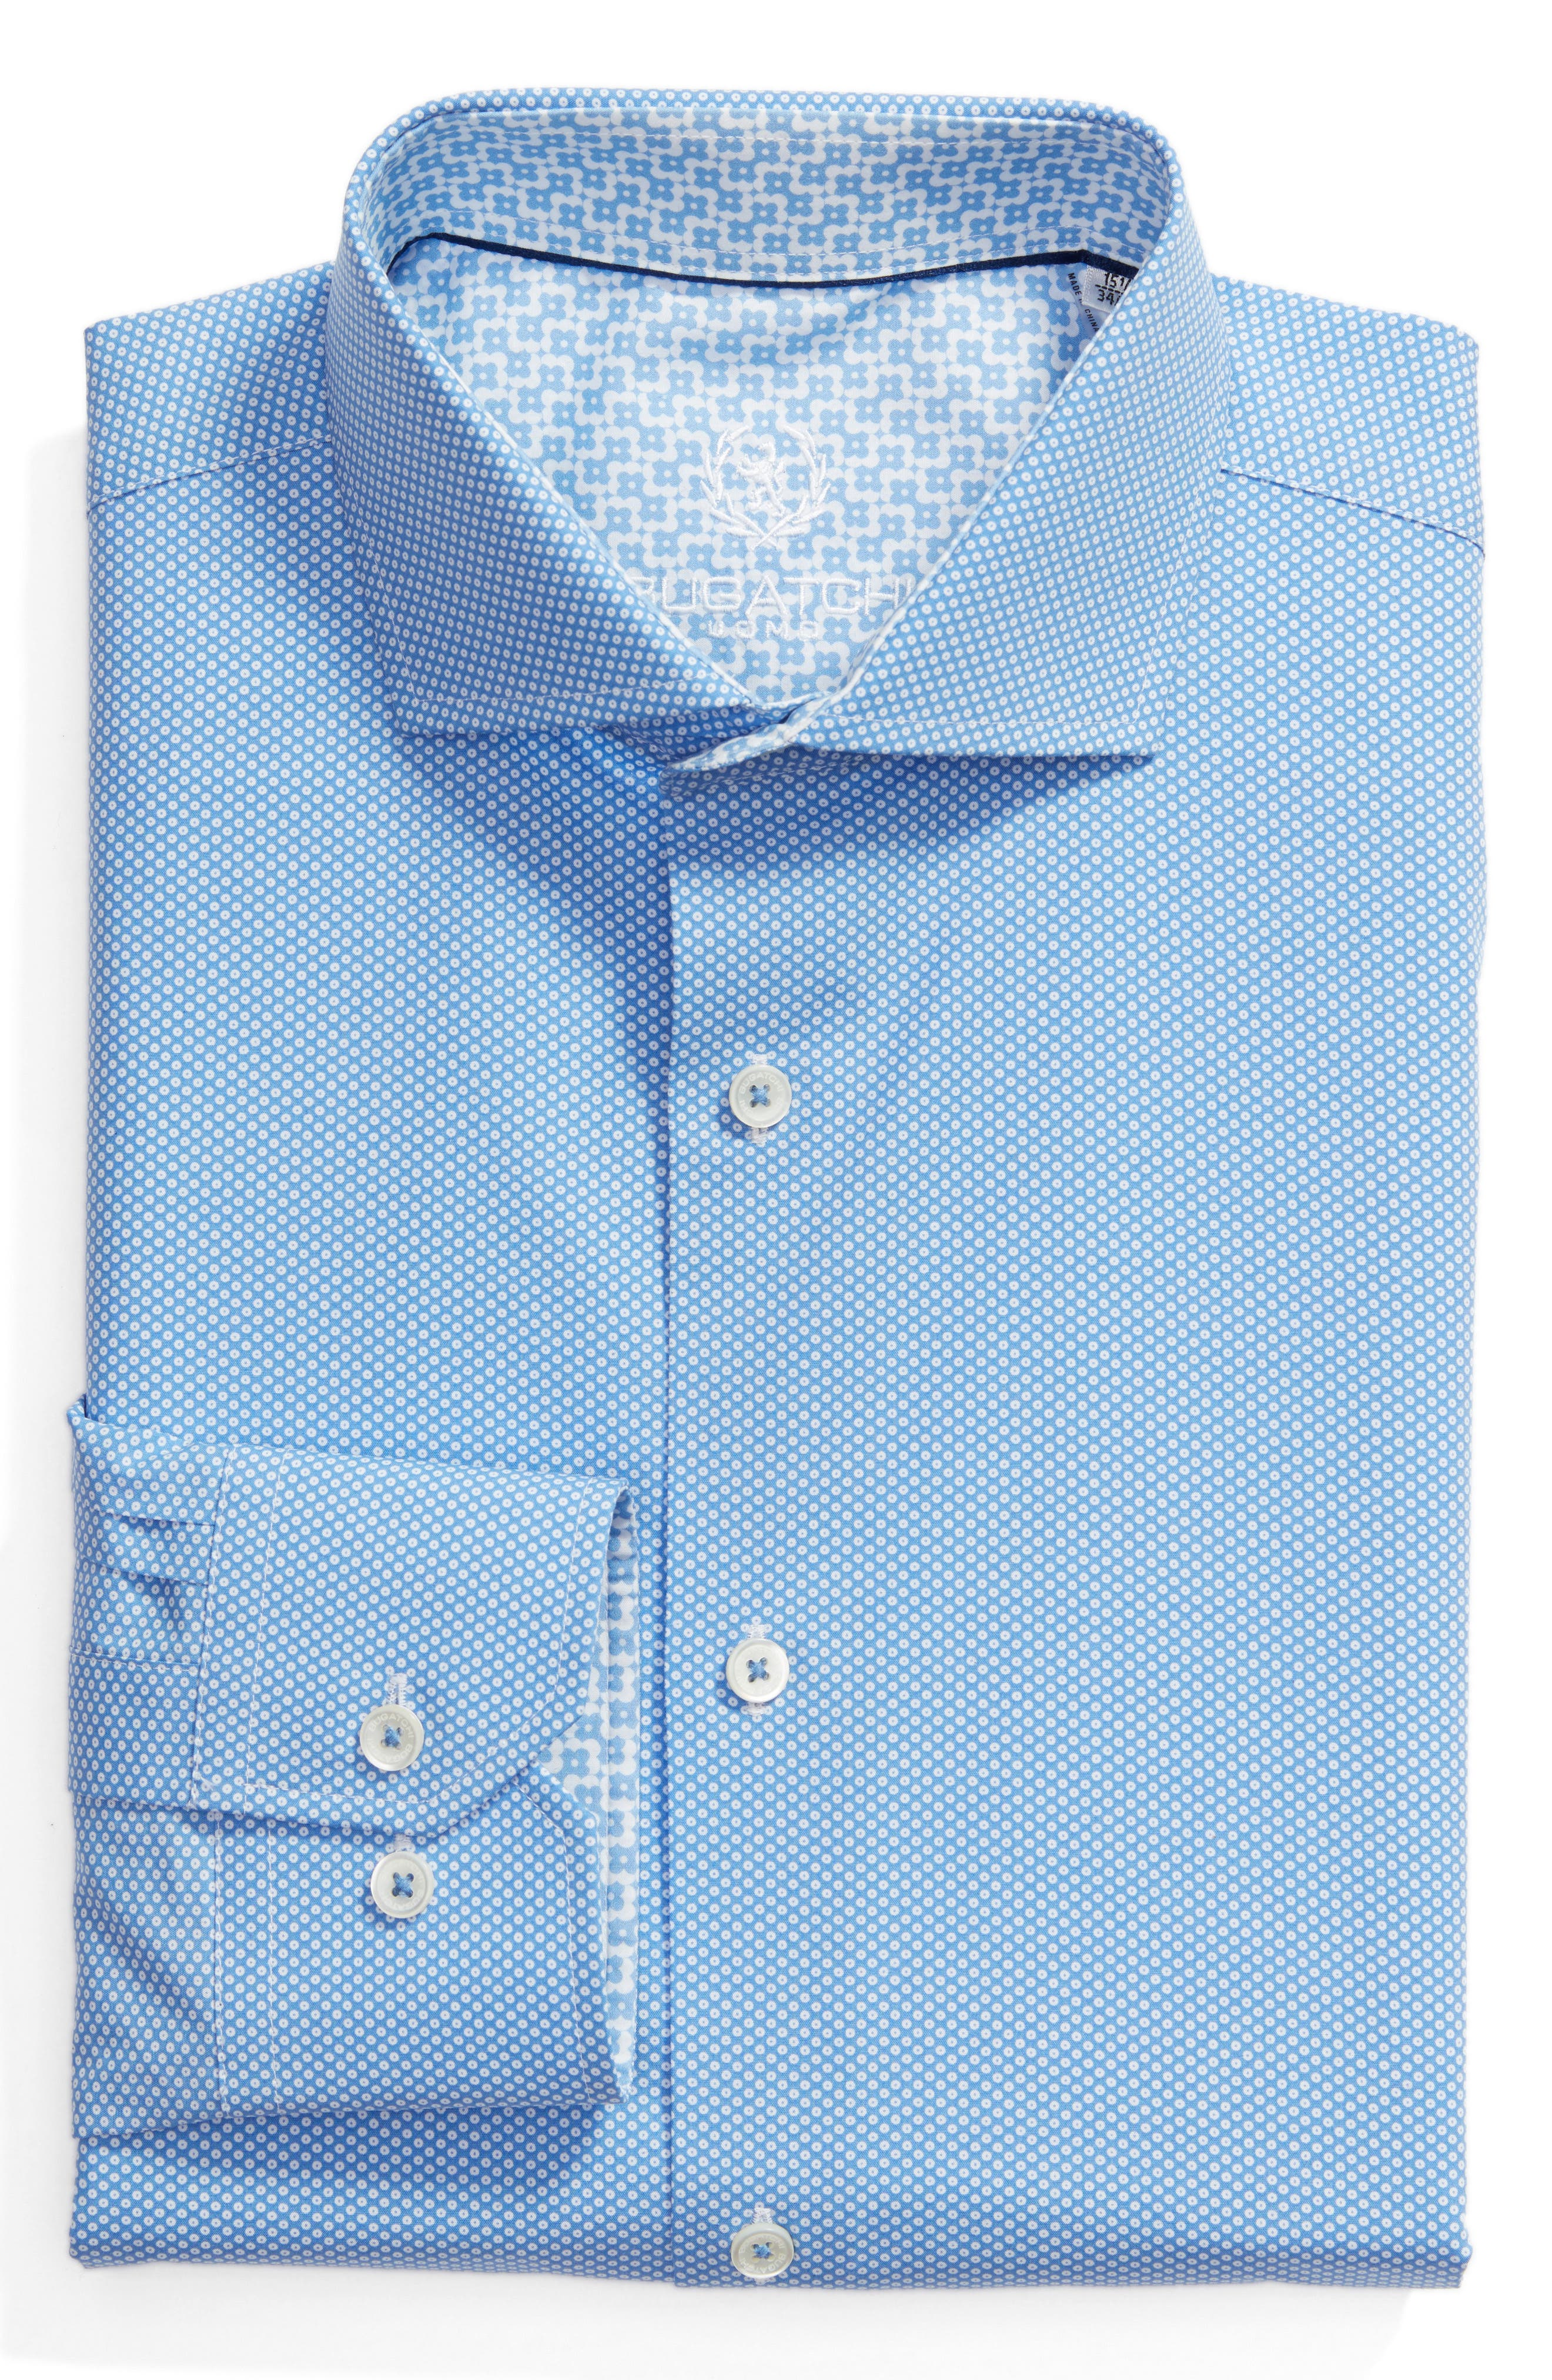 Trim Fit Print Dress Shirt,                         Main,                         color, Classic Blue